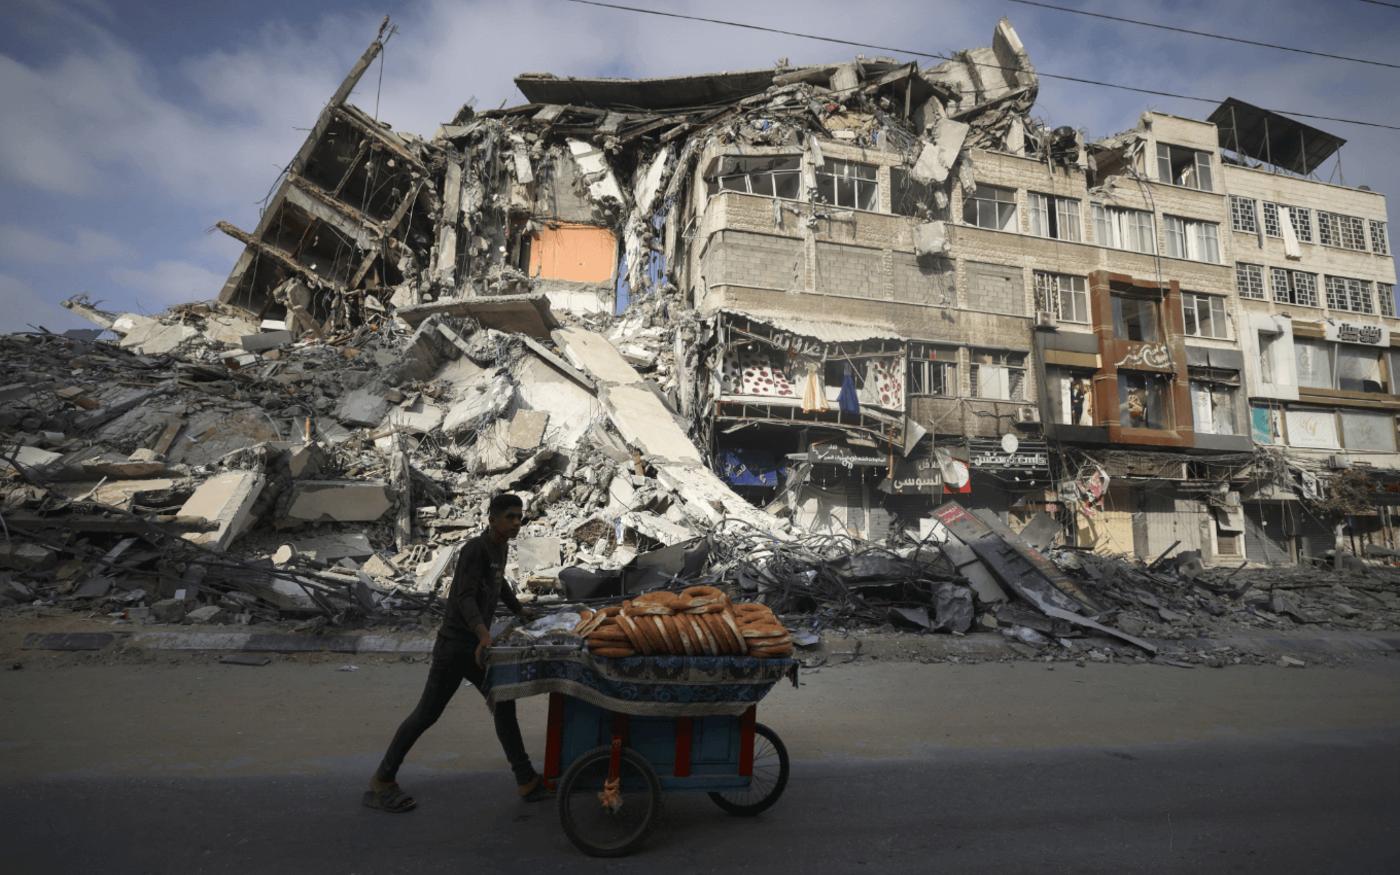 Un Palestinien passe à côté du bâtiment Al-Shuruq détruit à Gaza, le 20mai2021 (AFP/Mahmud Hams)